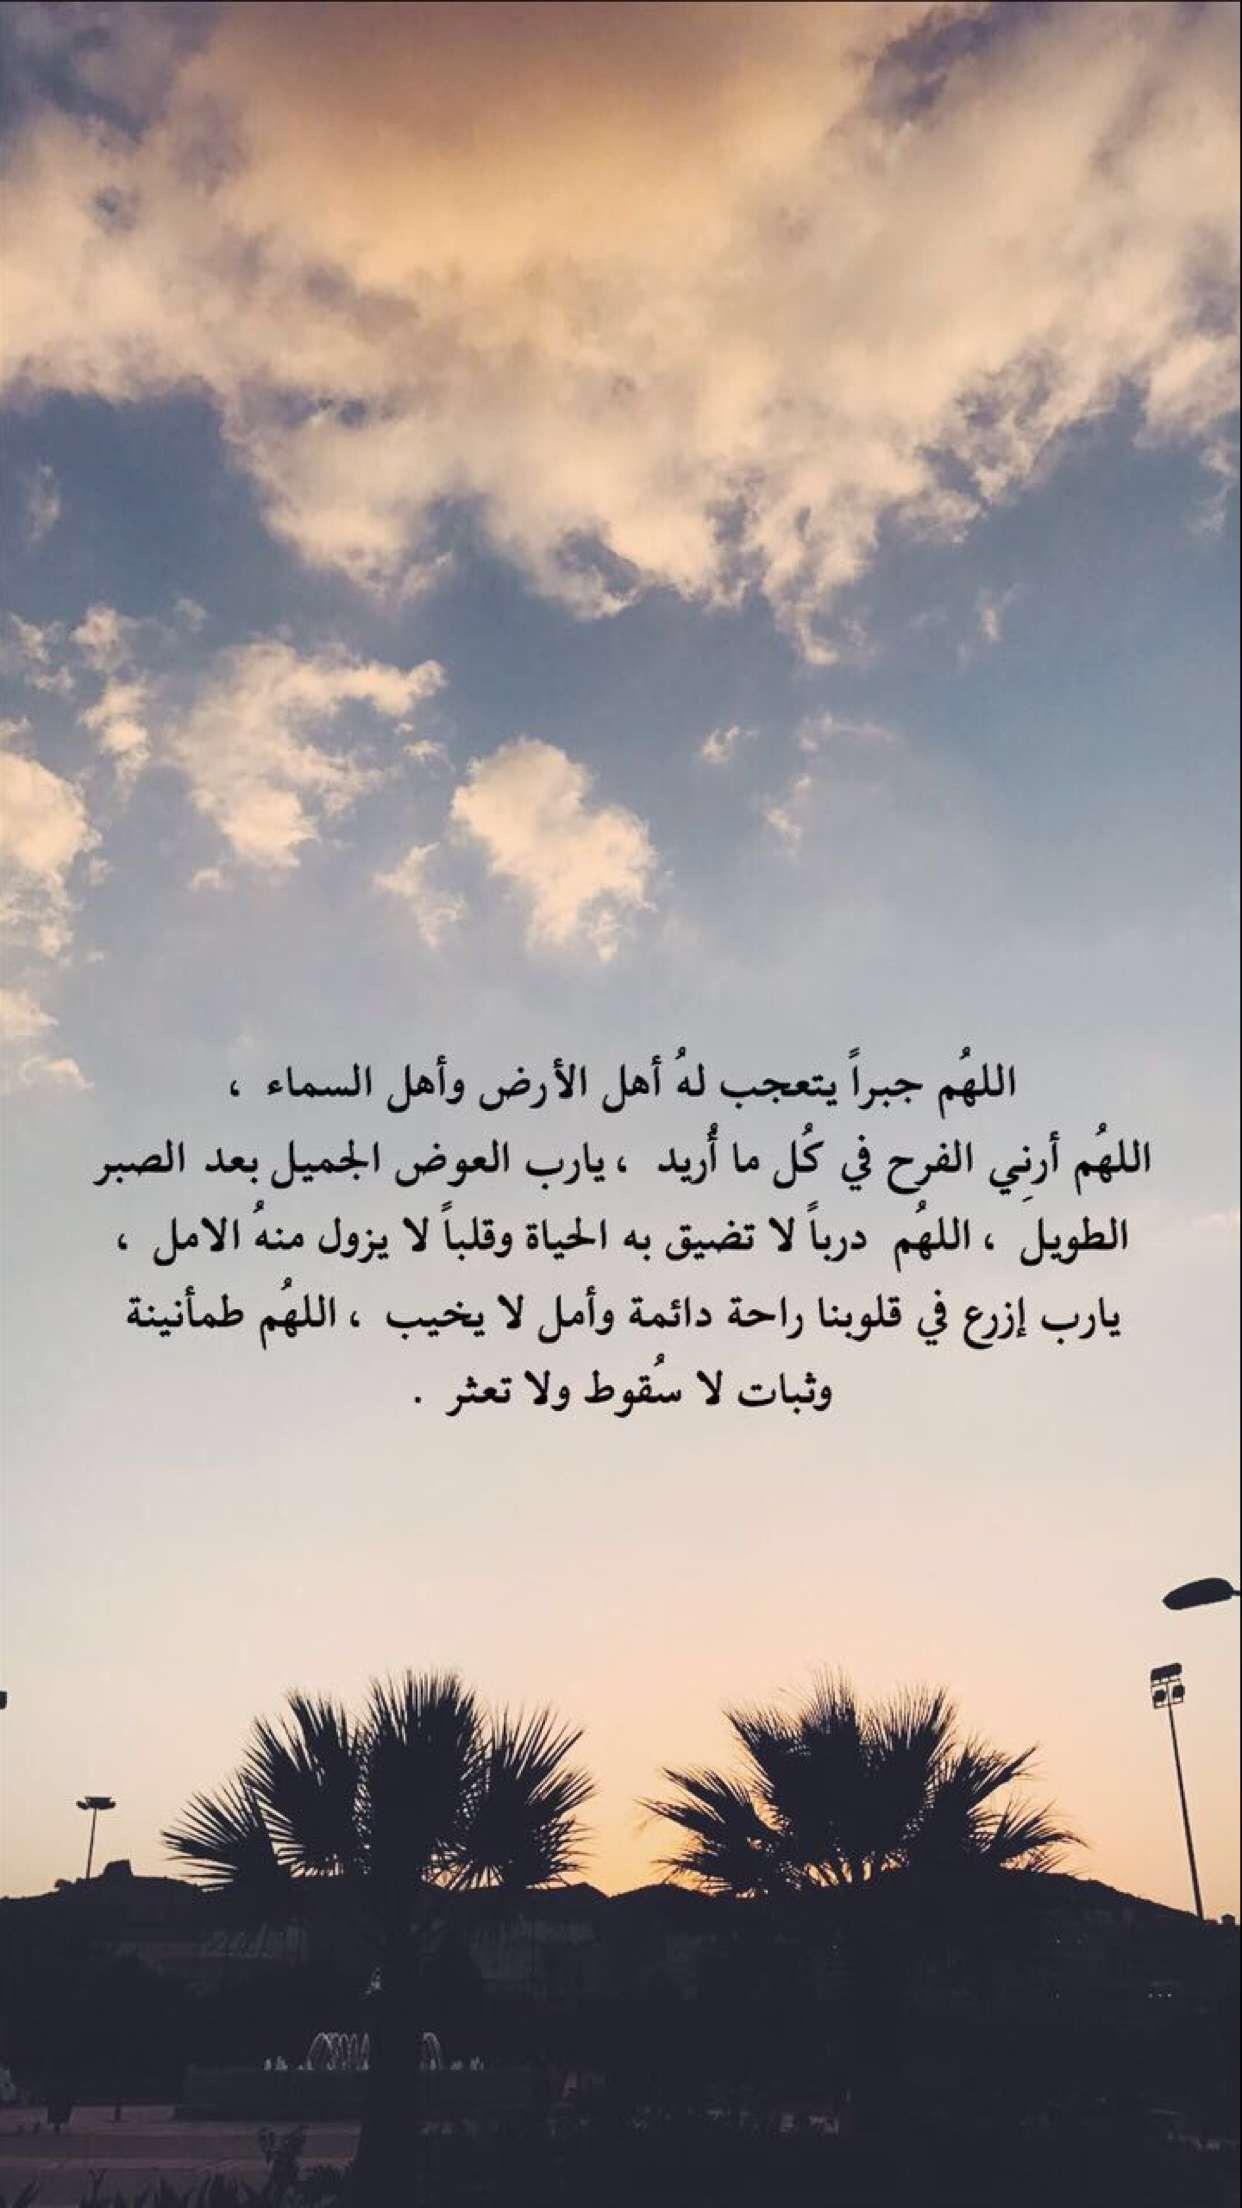 راقت لي يا الله انت العوض ومنك العوض الله العوض اقوال Cards Against Humanity Cards